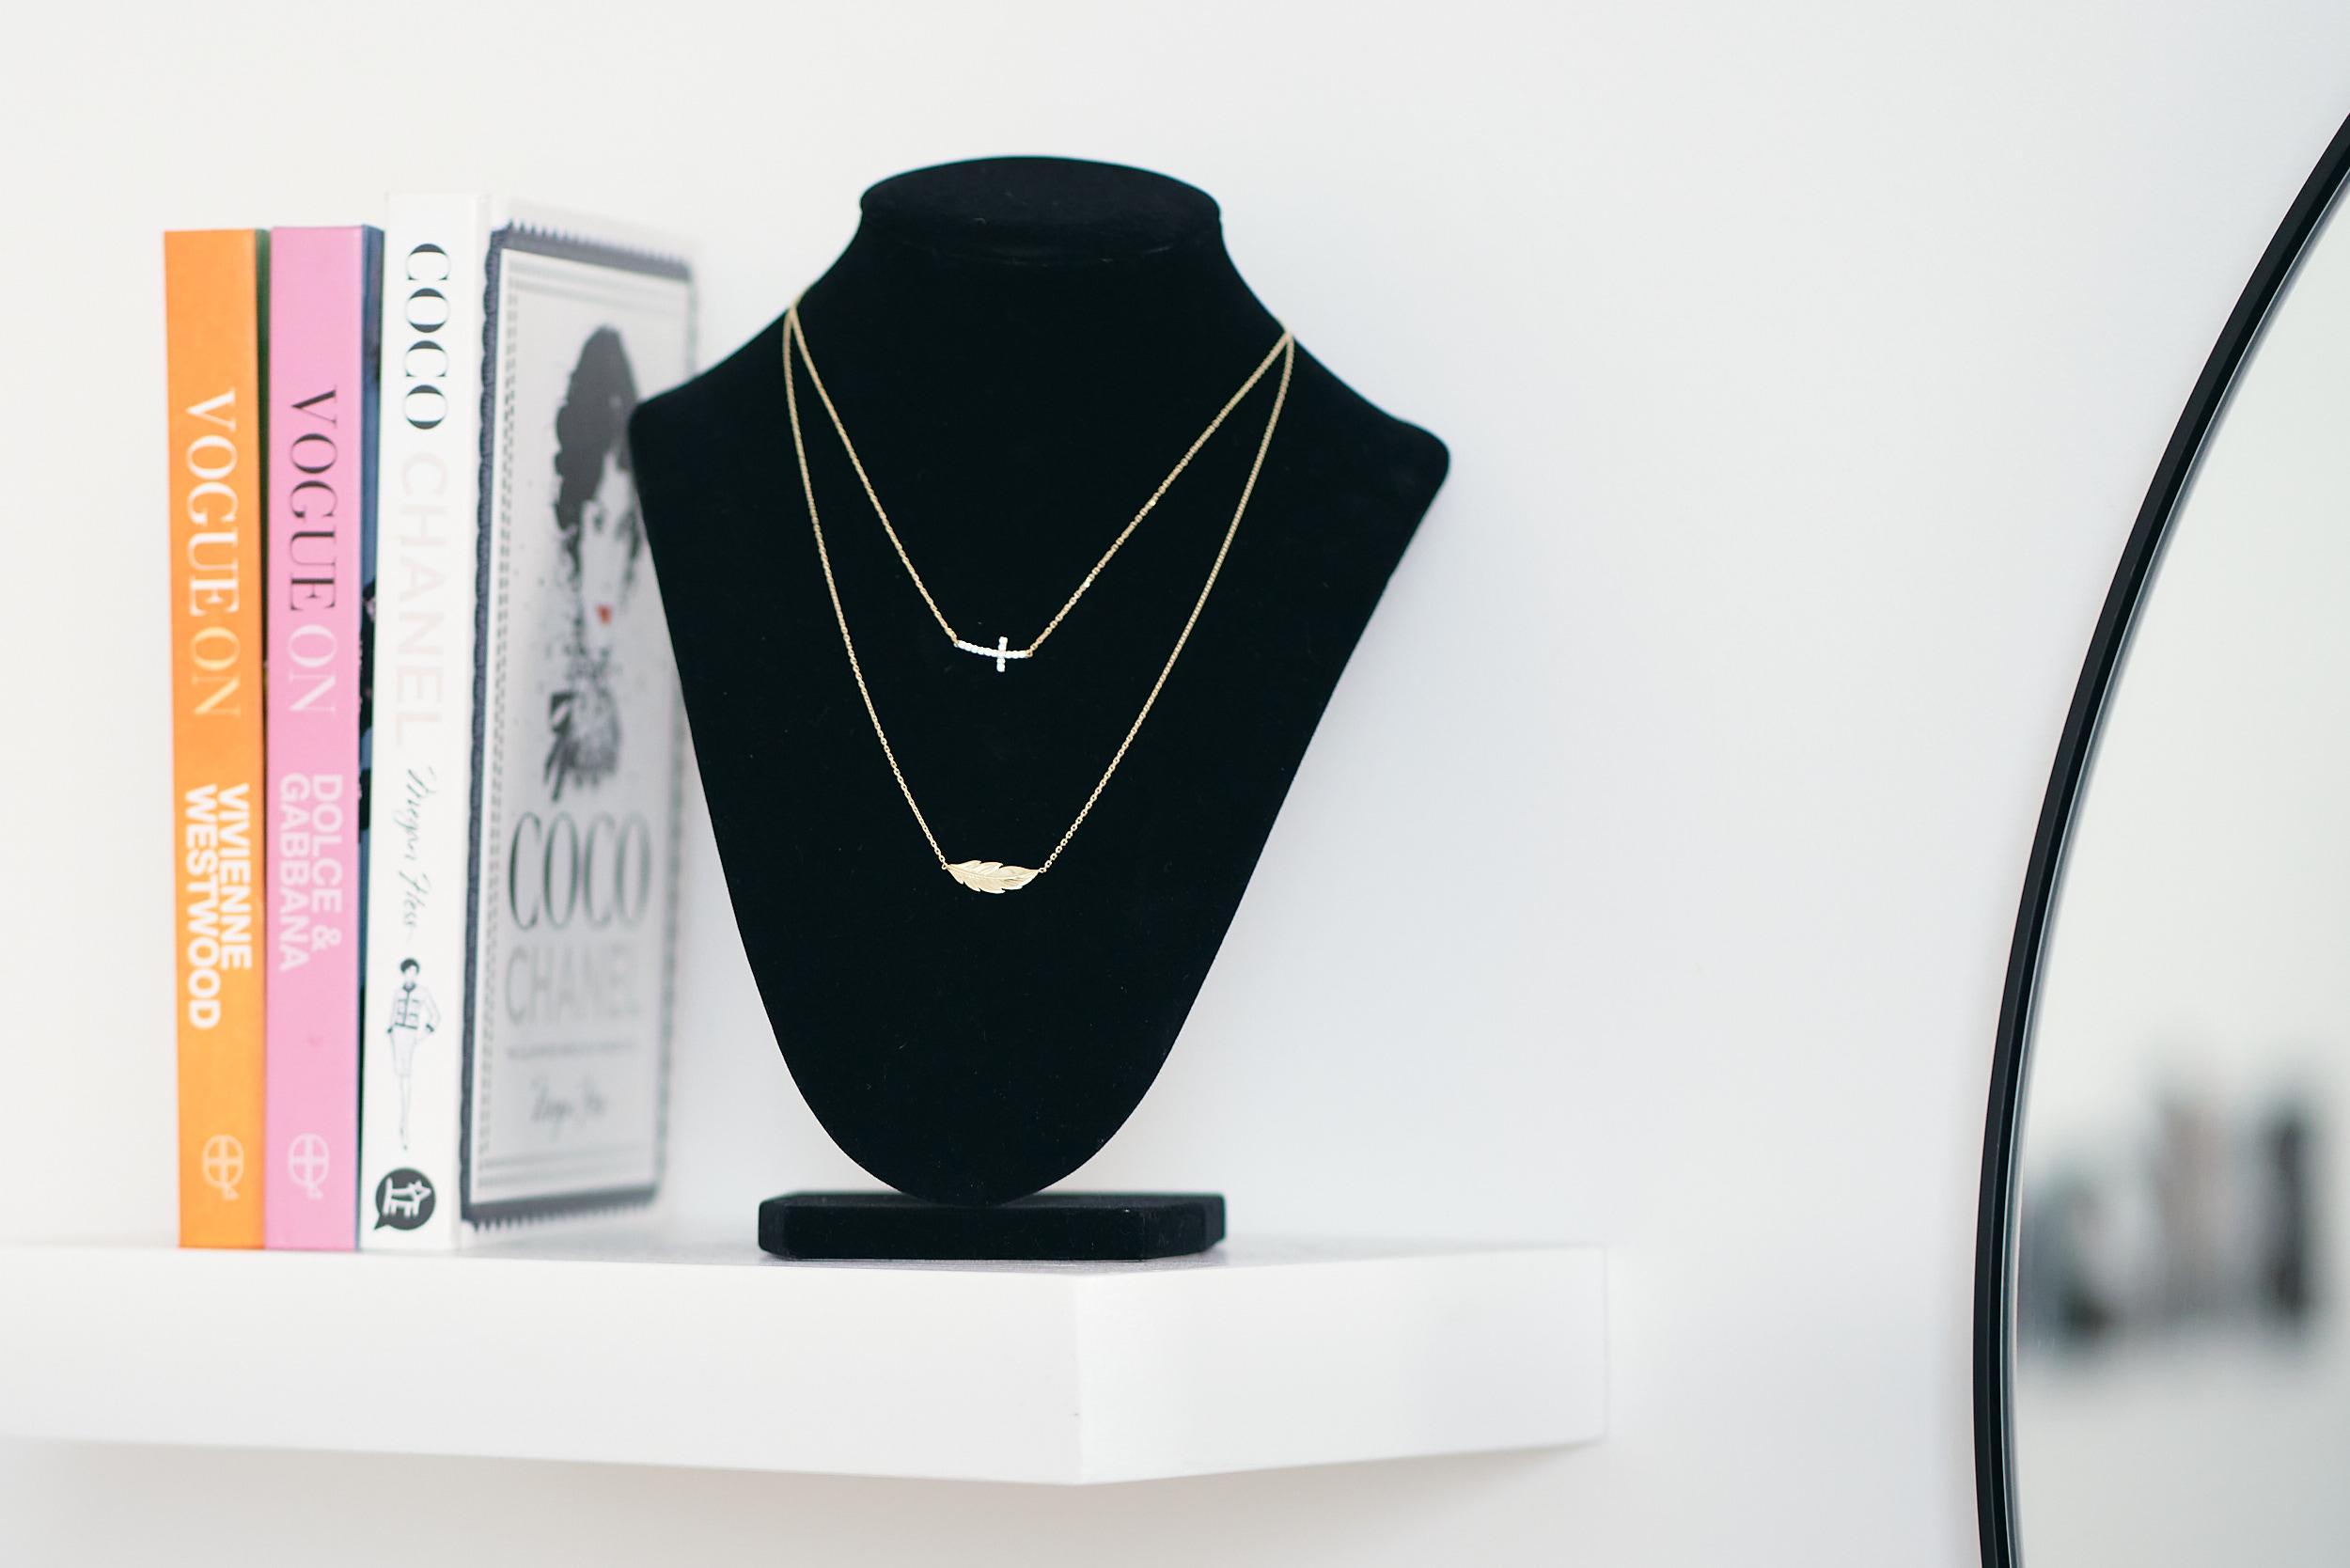 Jewellery Photographer by VA